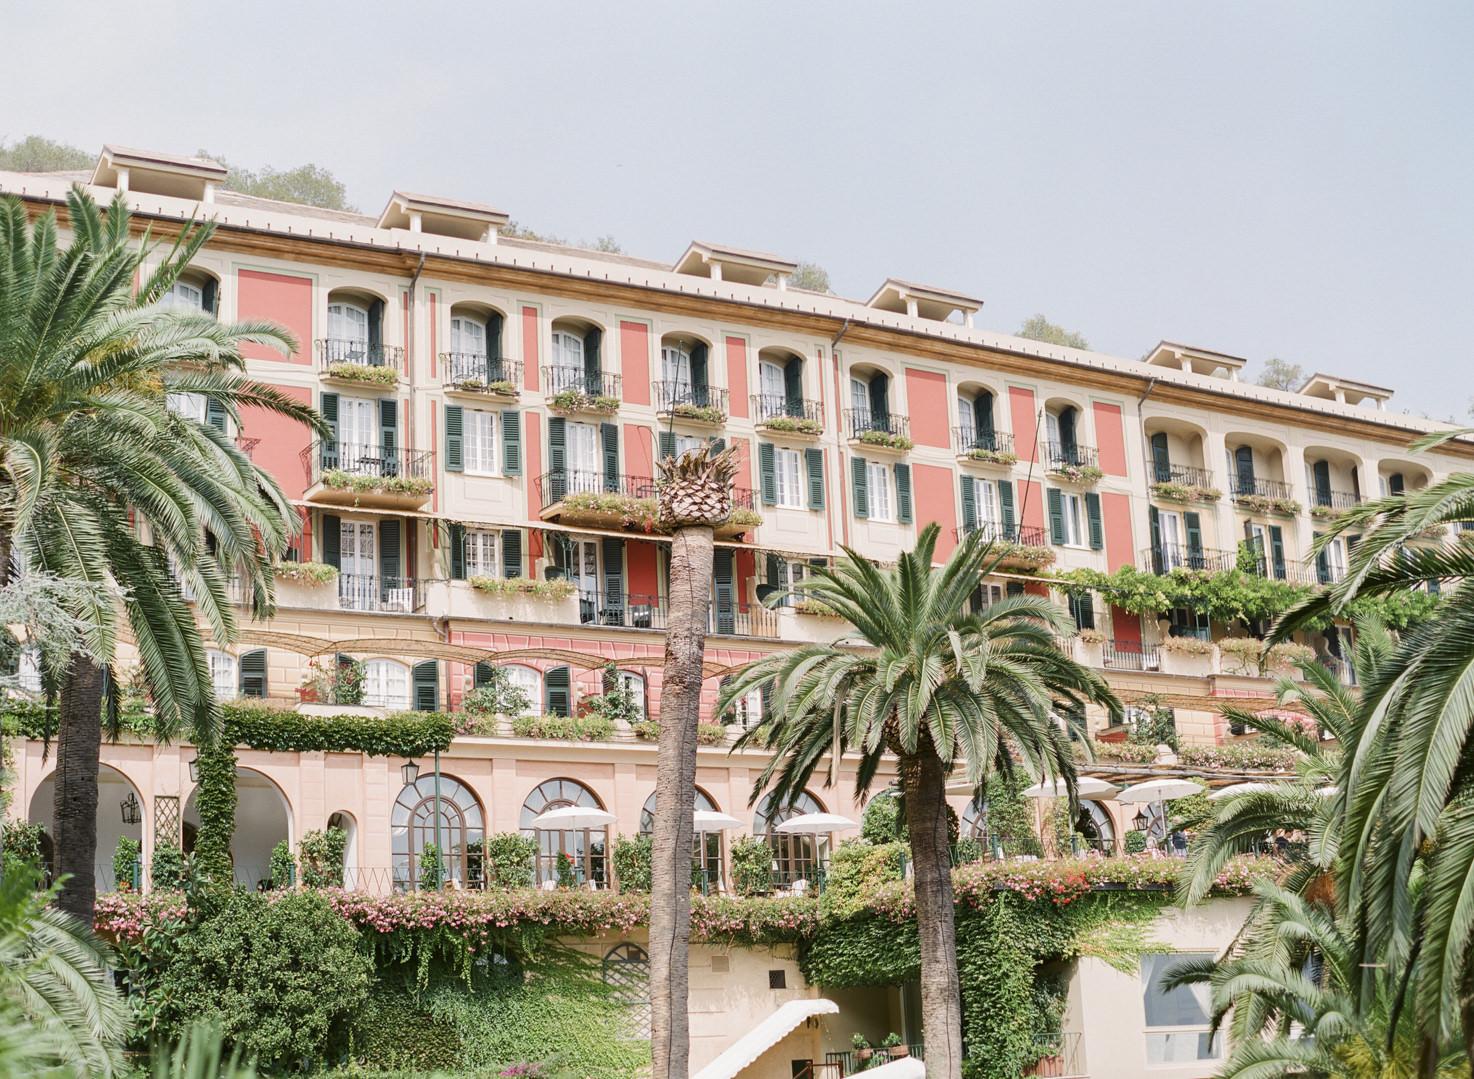 Luxury hotel on the Riviera